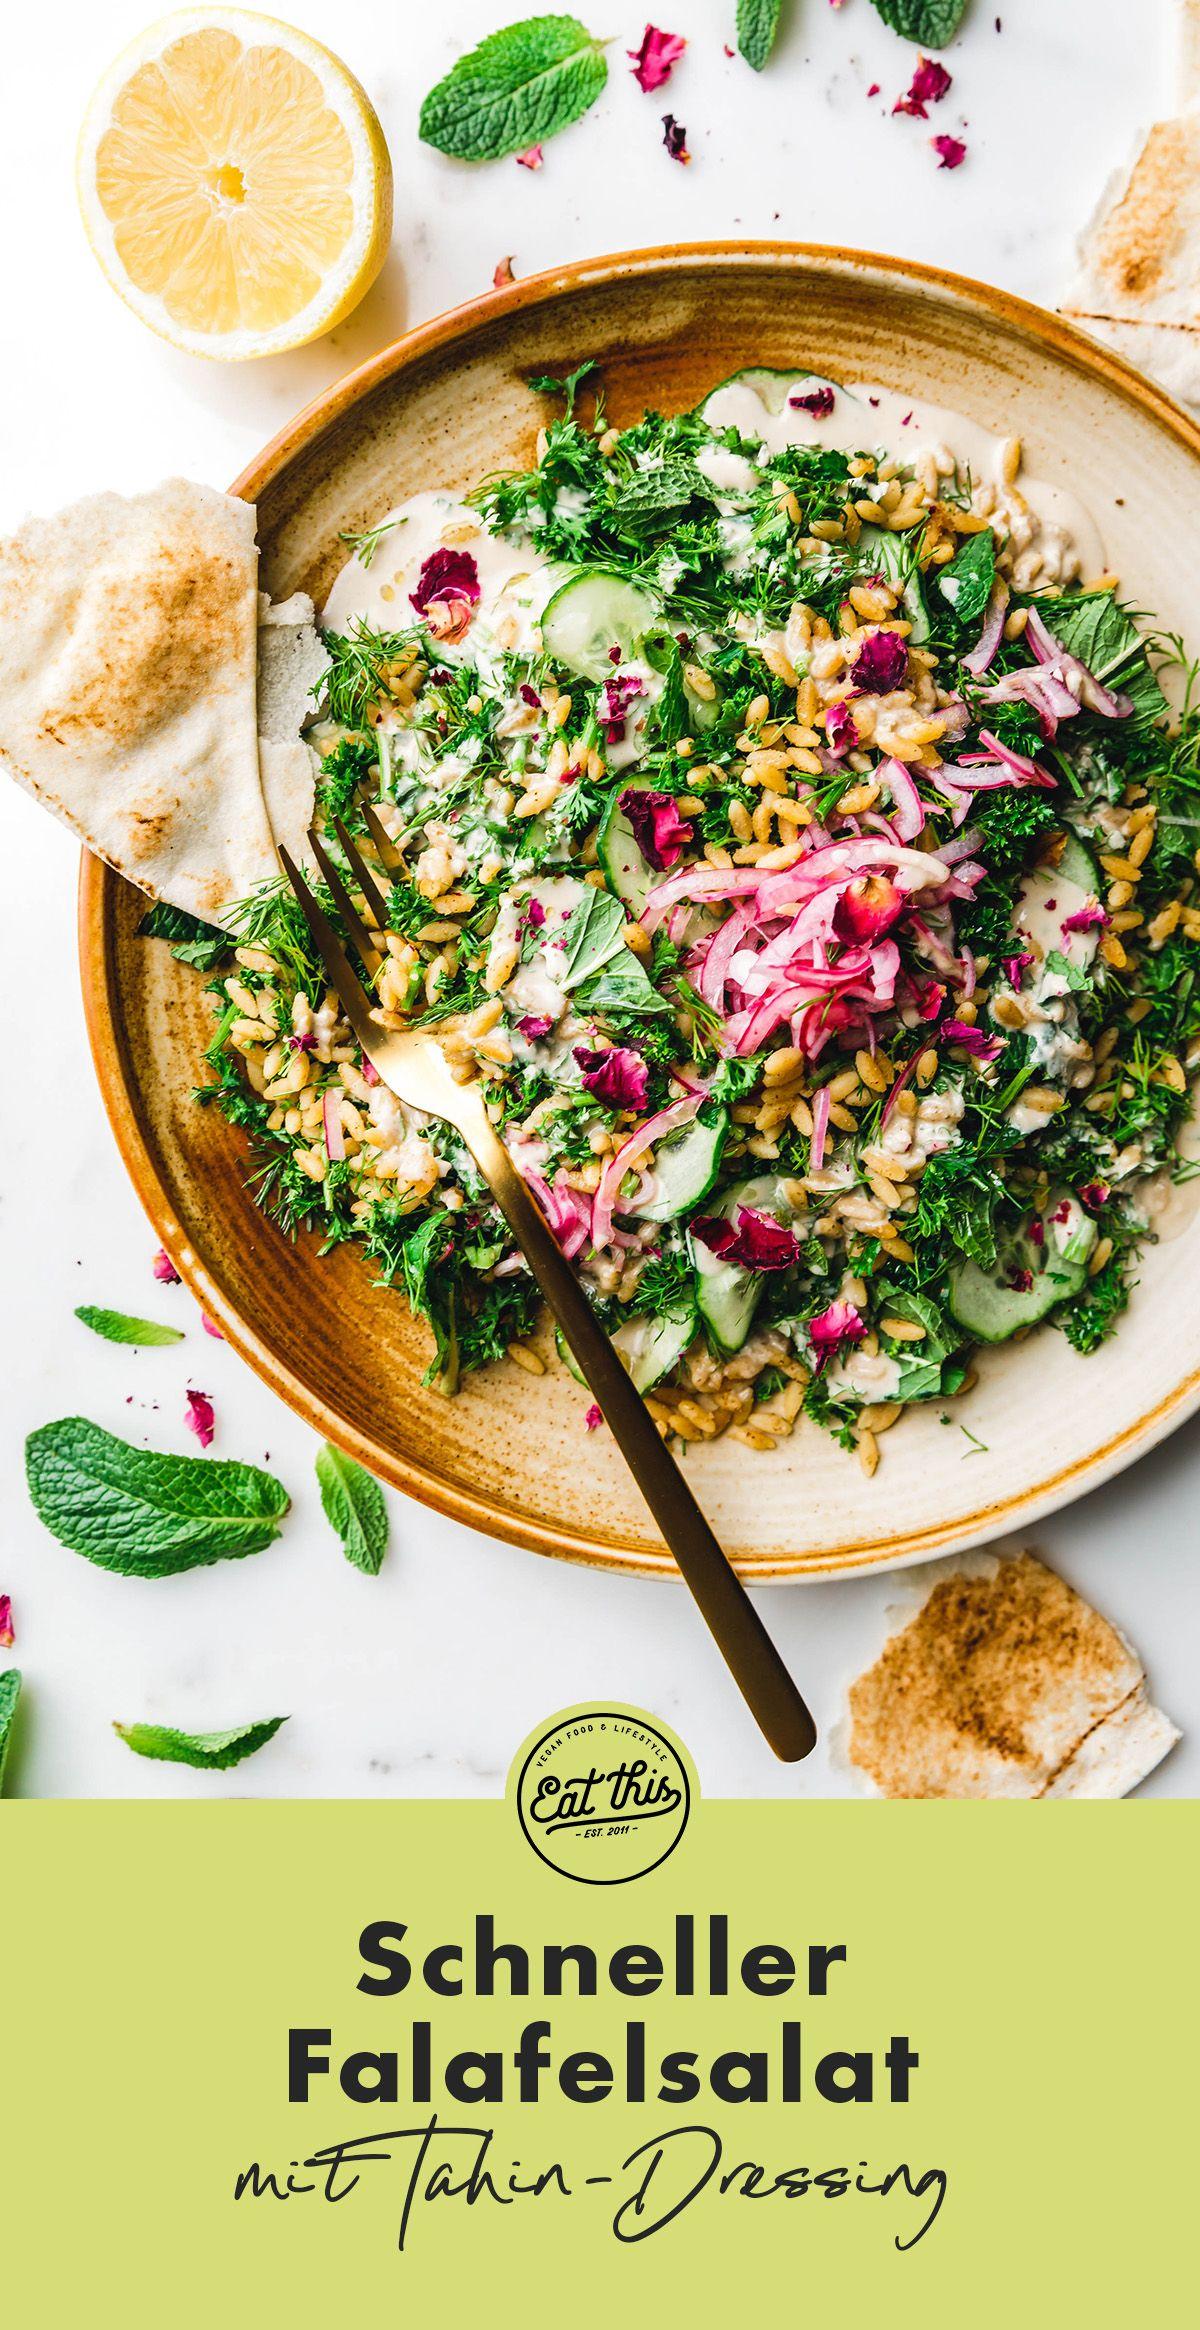 Schneller Falafelsalat Mit Tahin Dressing Eat This Vegane Rezepte Rezept In 2020 Lebensmittel Essen Vegane Salatsaucen Getrocknete Kichererbsen